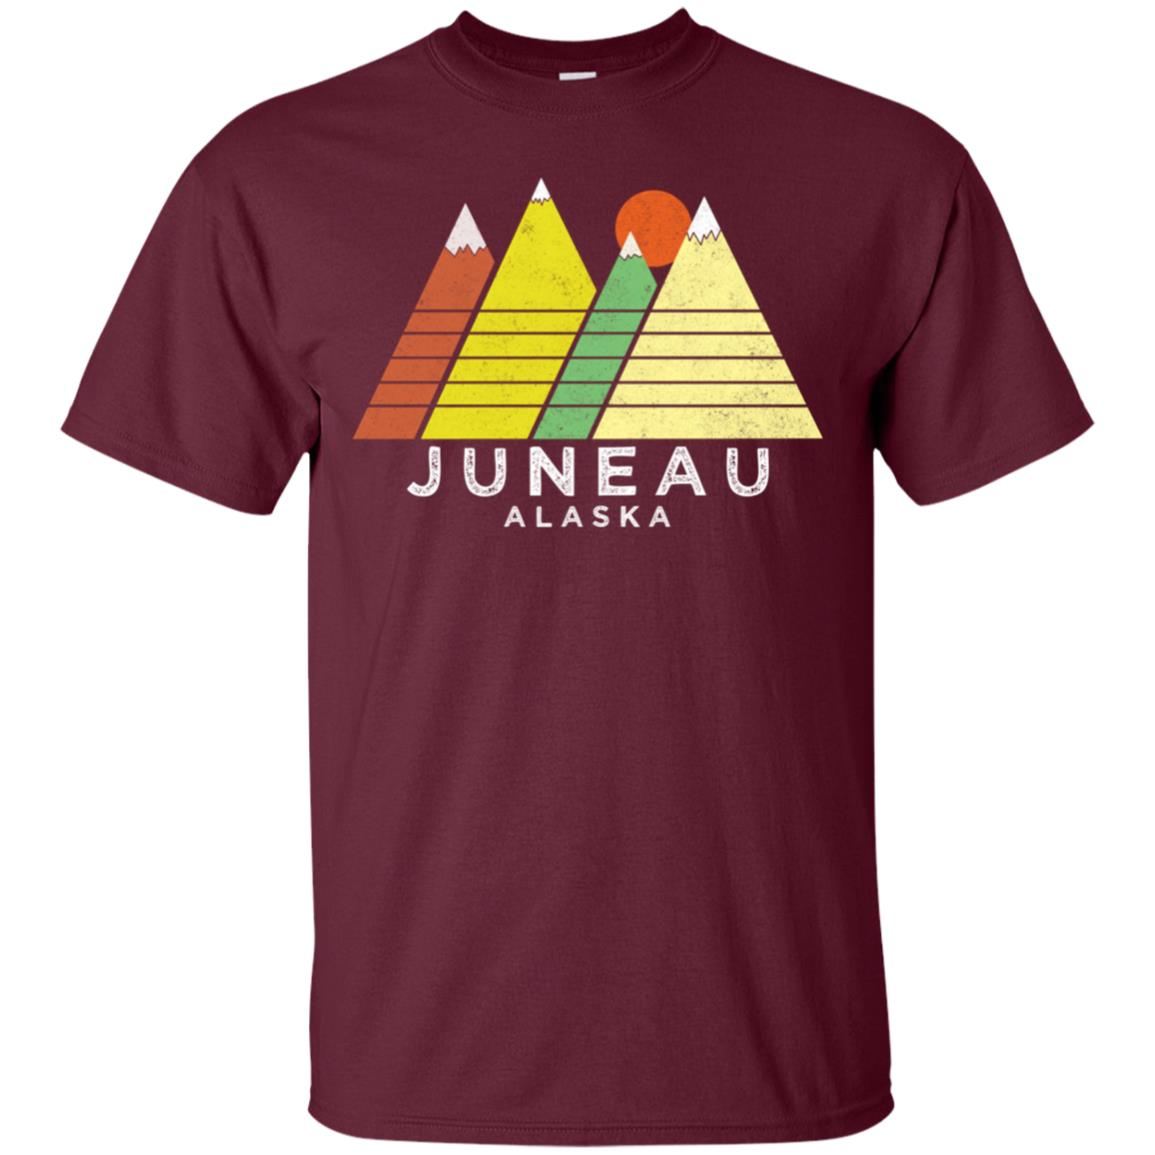 Juneau, Alaska – Retro Style Mountain Unisex Short Sleeve